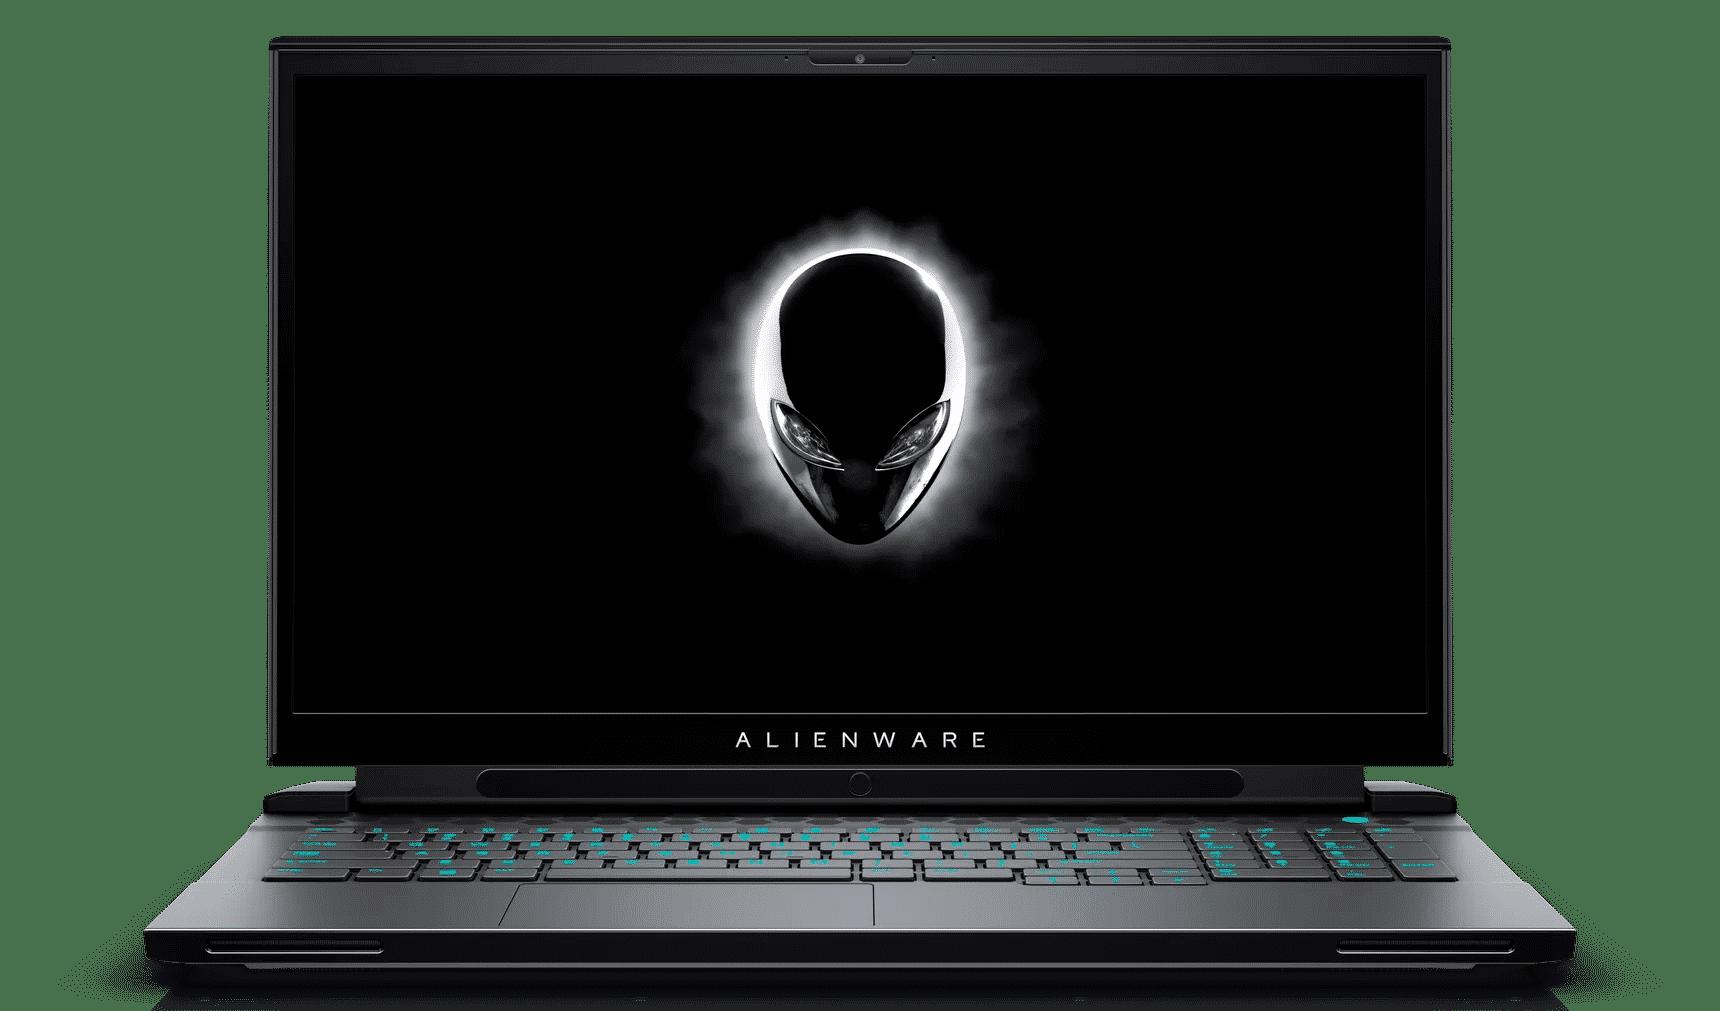 dell alienware m17